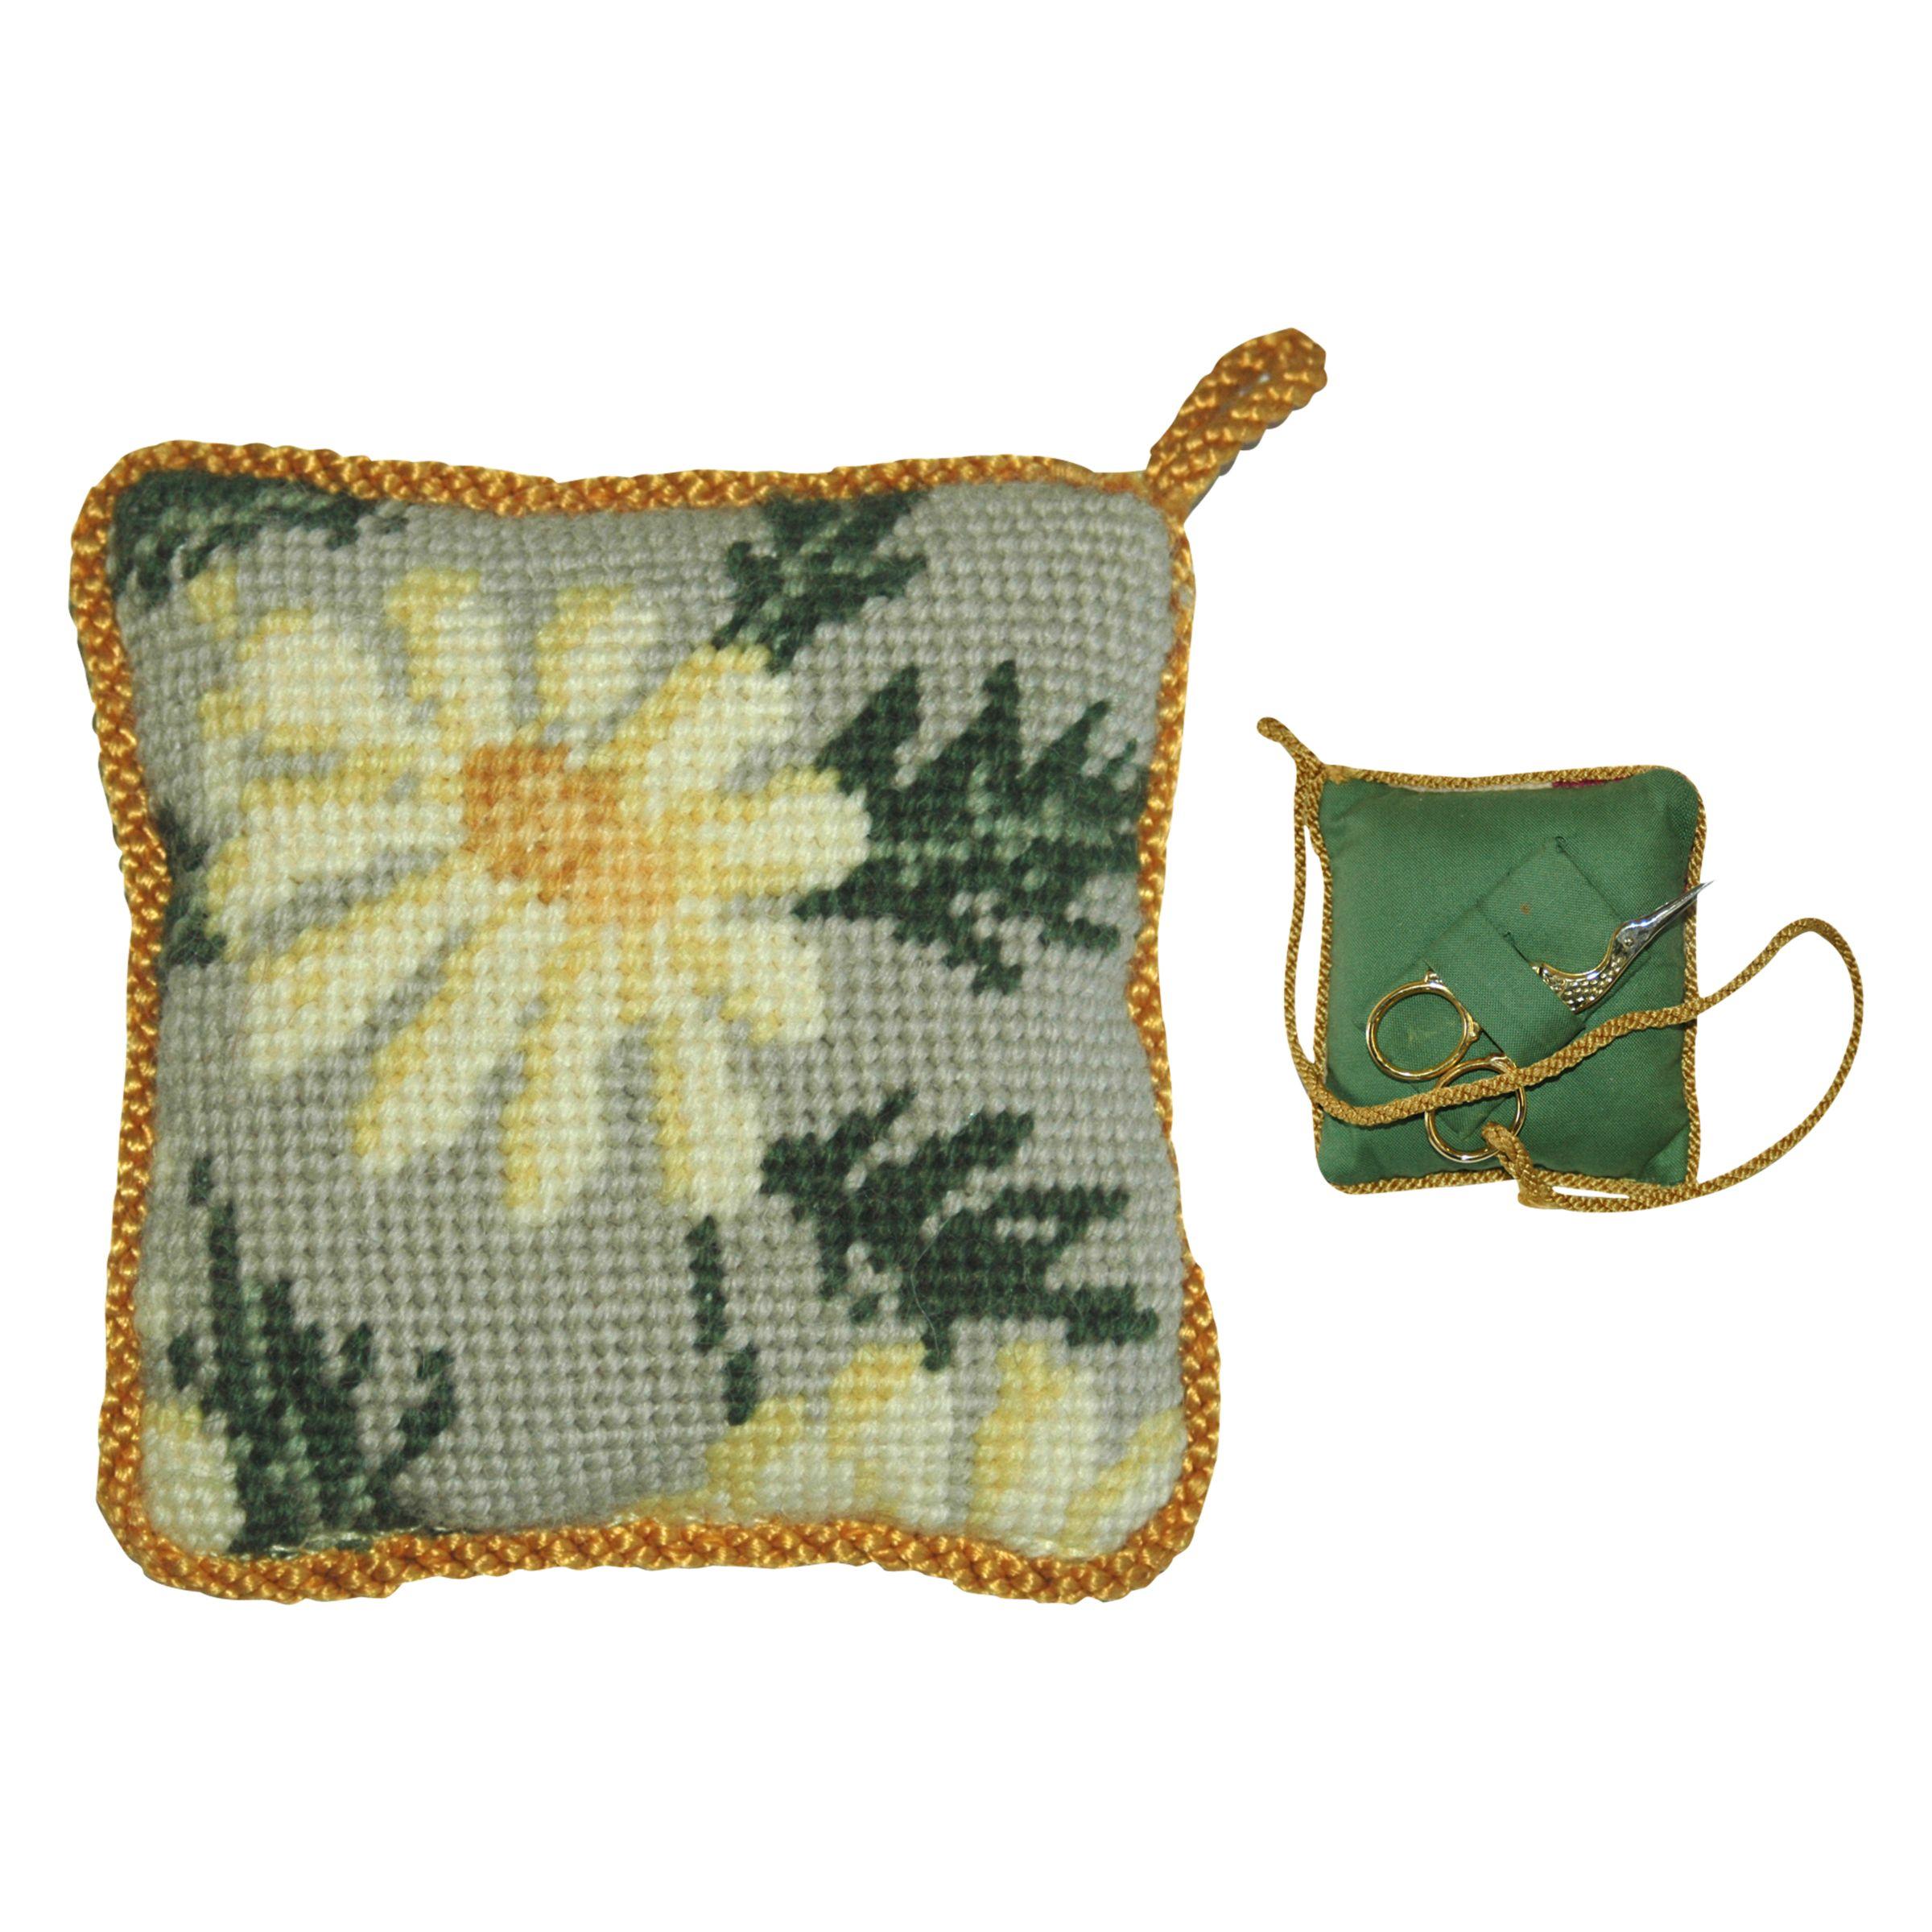 Cleopatra's Needle Cleopatra's Needle Marguerite Pin Cushion Kit, Green